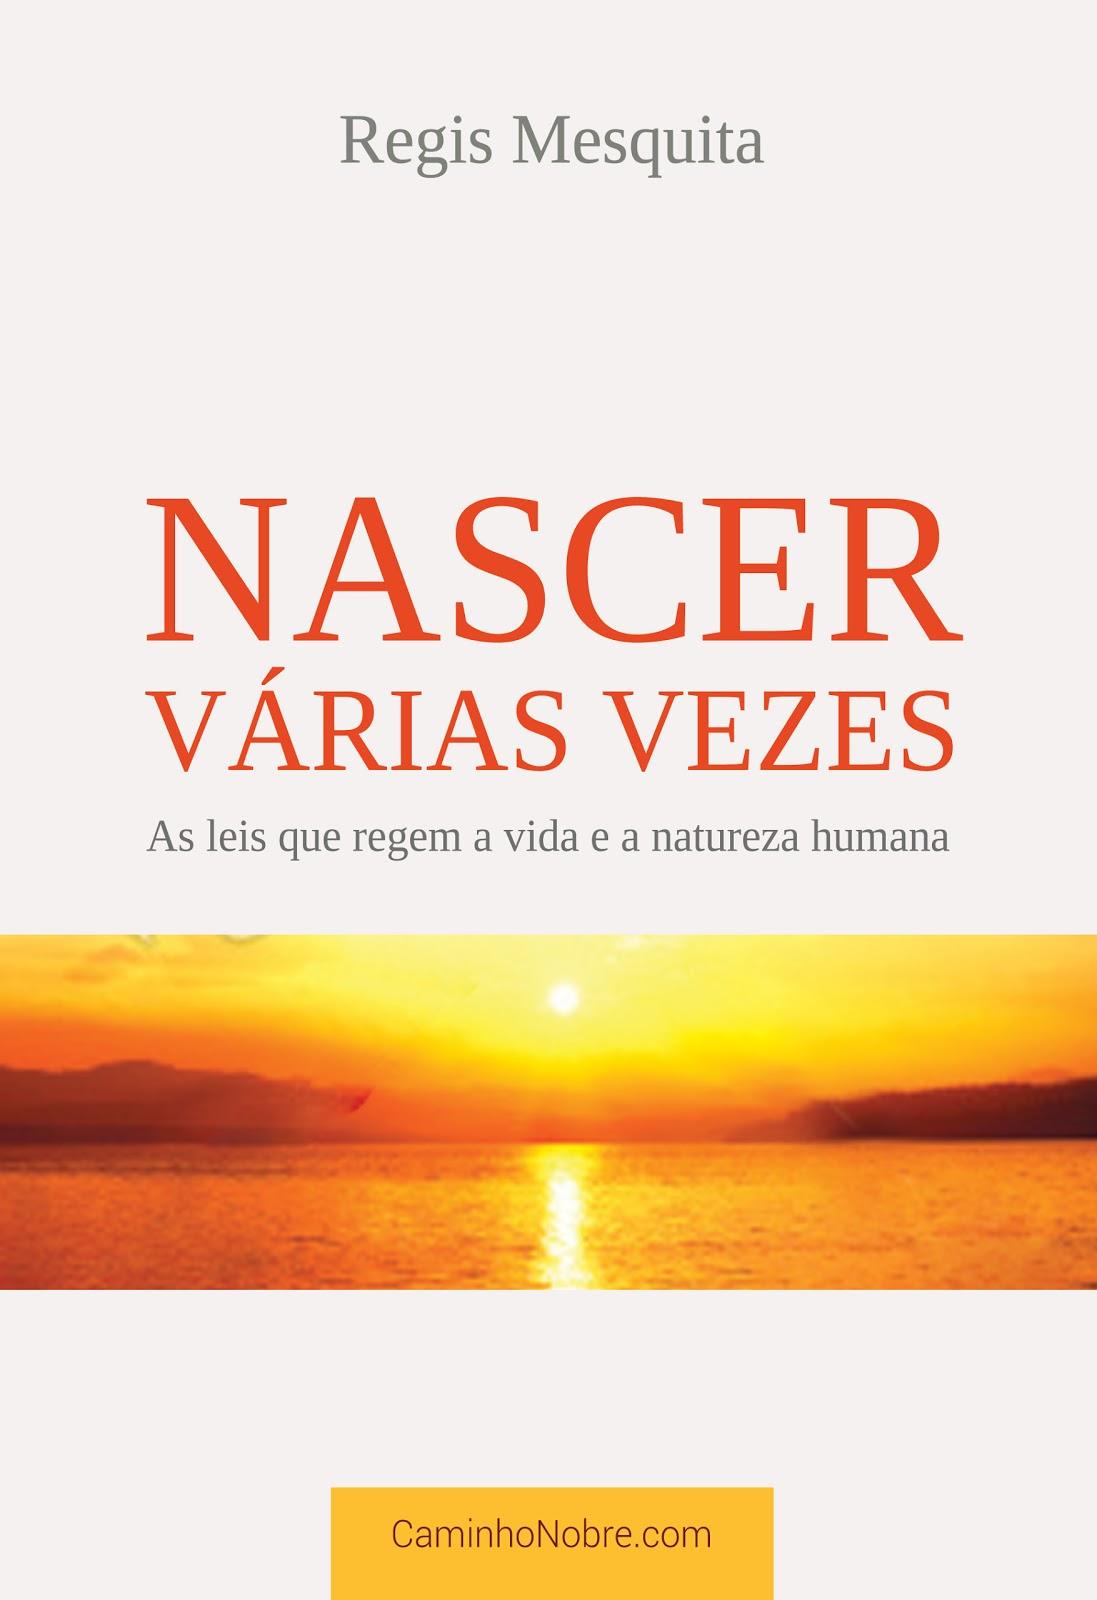 Ótimo livro para quem quer entender a reencarnação e o espiritismo. Com explicação didática.